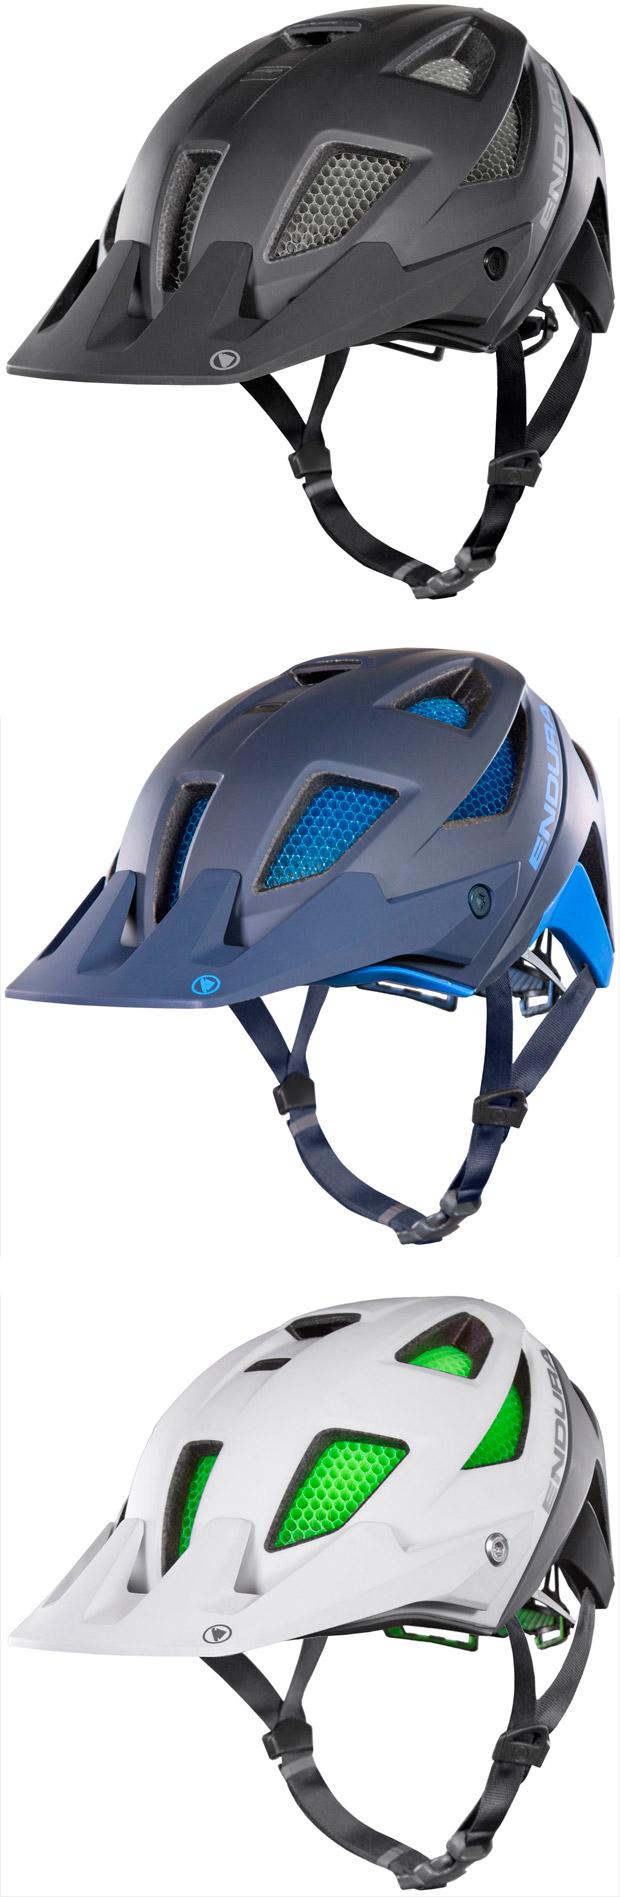 En TodoMountainBike: Endura MT500, tecnología Koroyd para el nuevo casco de la firma escocesa